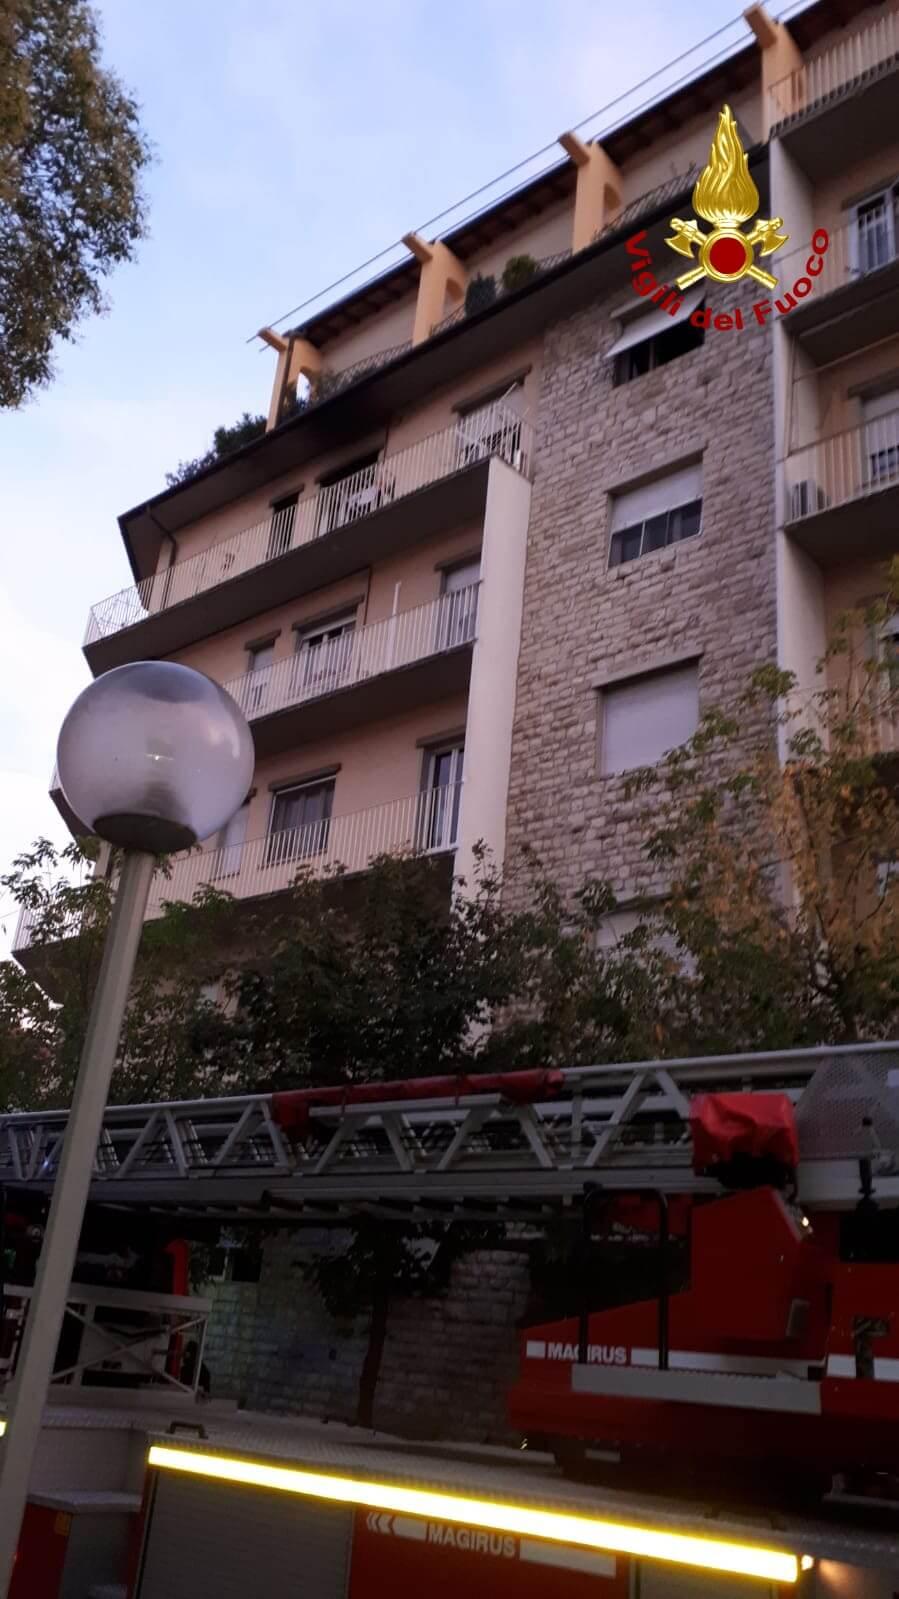 Incendio in un appartamento, 5 persone e un cane si rifugiano su un terrazzo: salvati dai pompieri